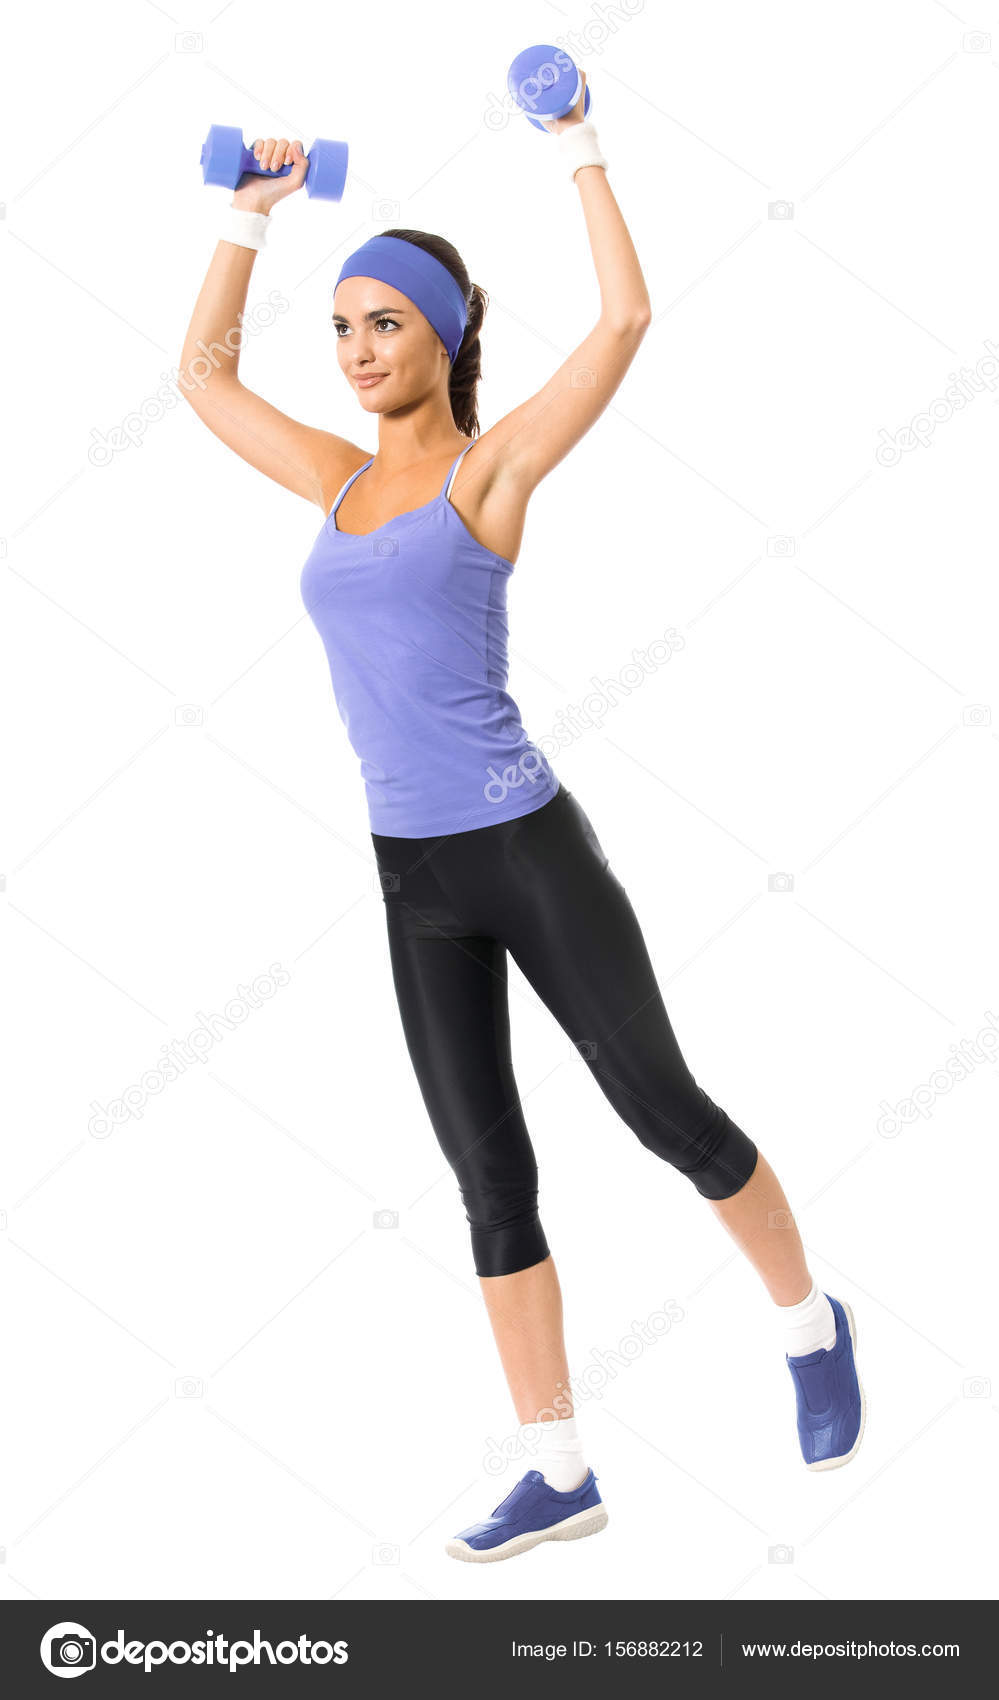 fae9d1f854827 Cuerpo entero de feliz sonriente mujer en ropa deportiva violeta